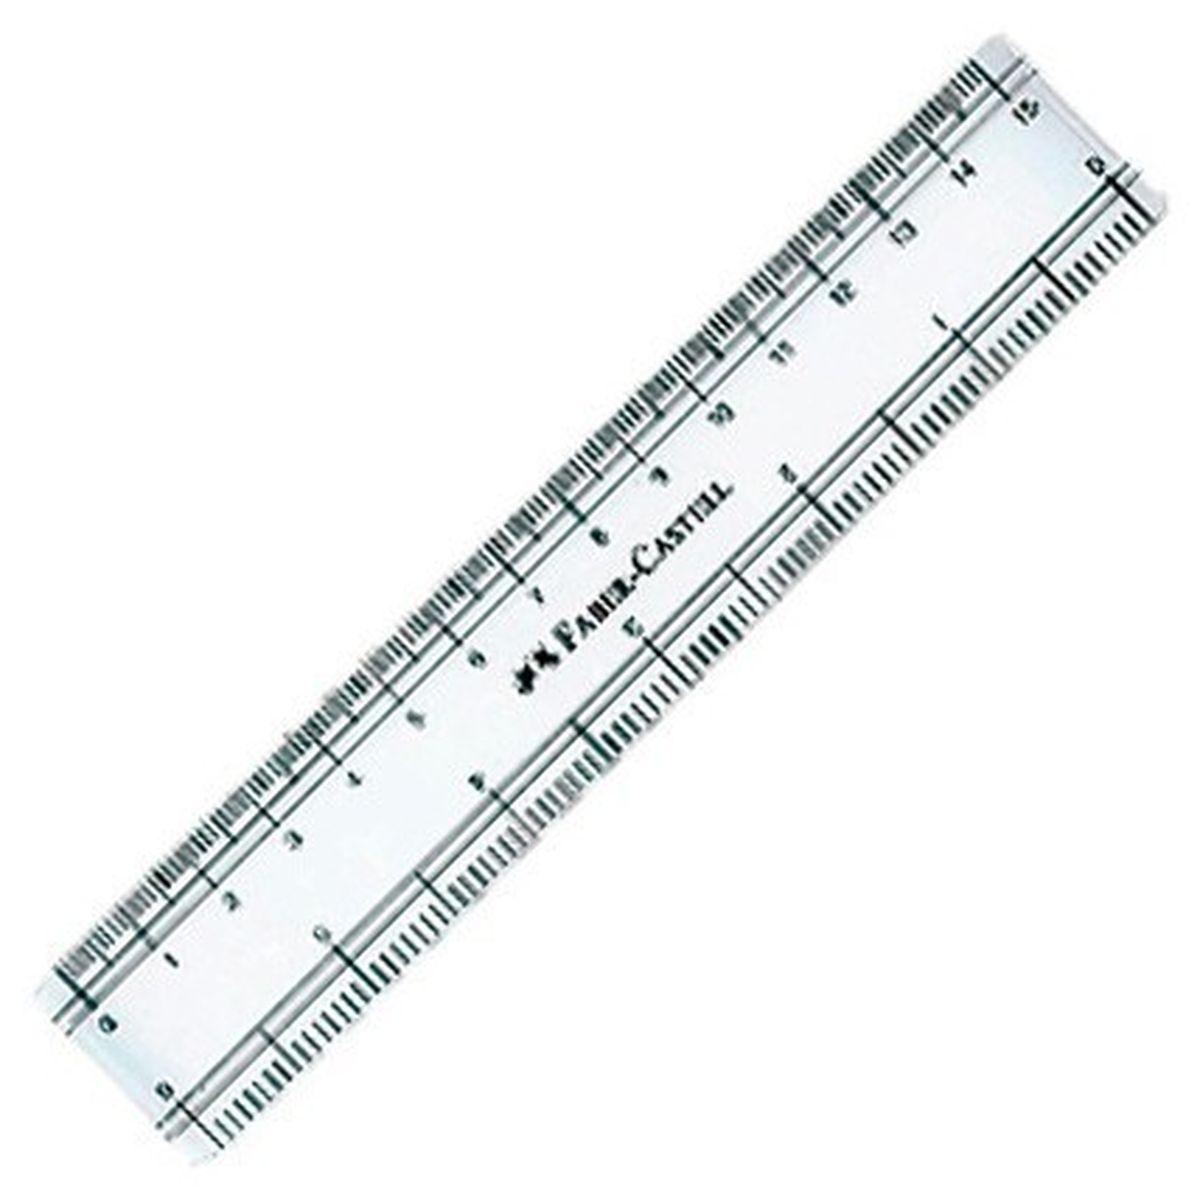 Faber-Castell Линейка 15 см в пластмассовом чехле170640пригодна для детей и студентов • закругленные кромки • белая прозрачная пластмасса